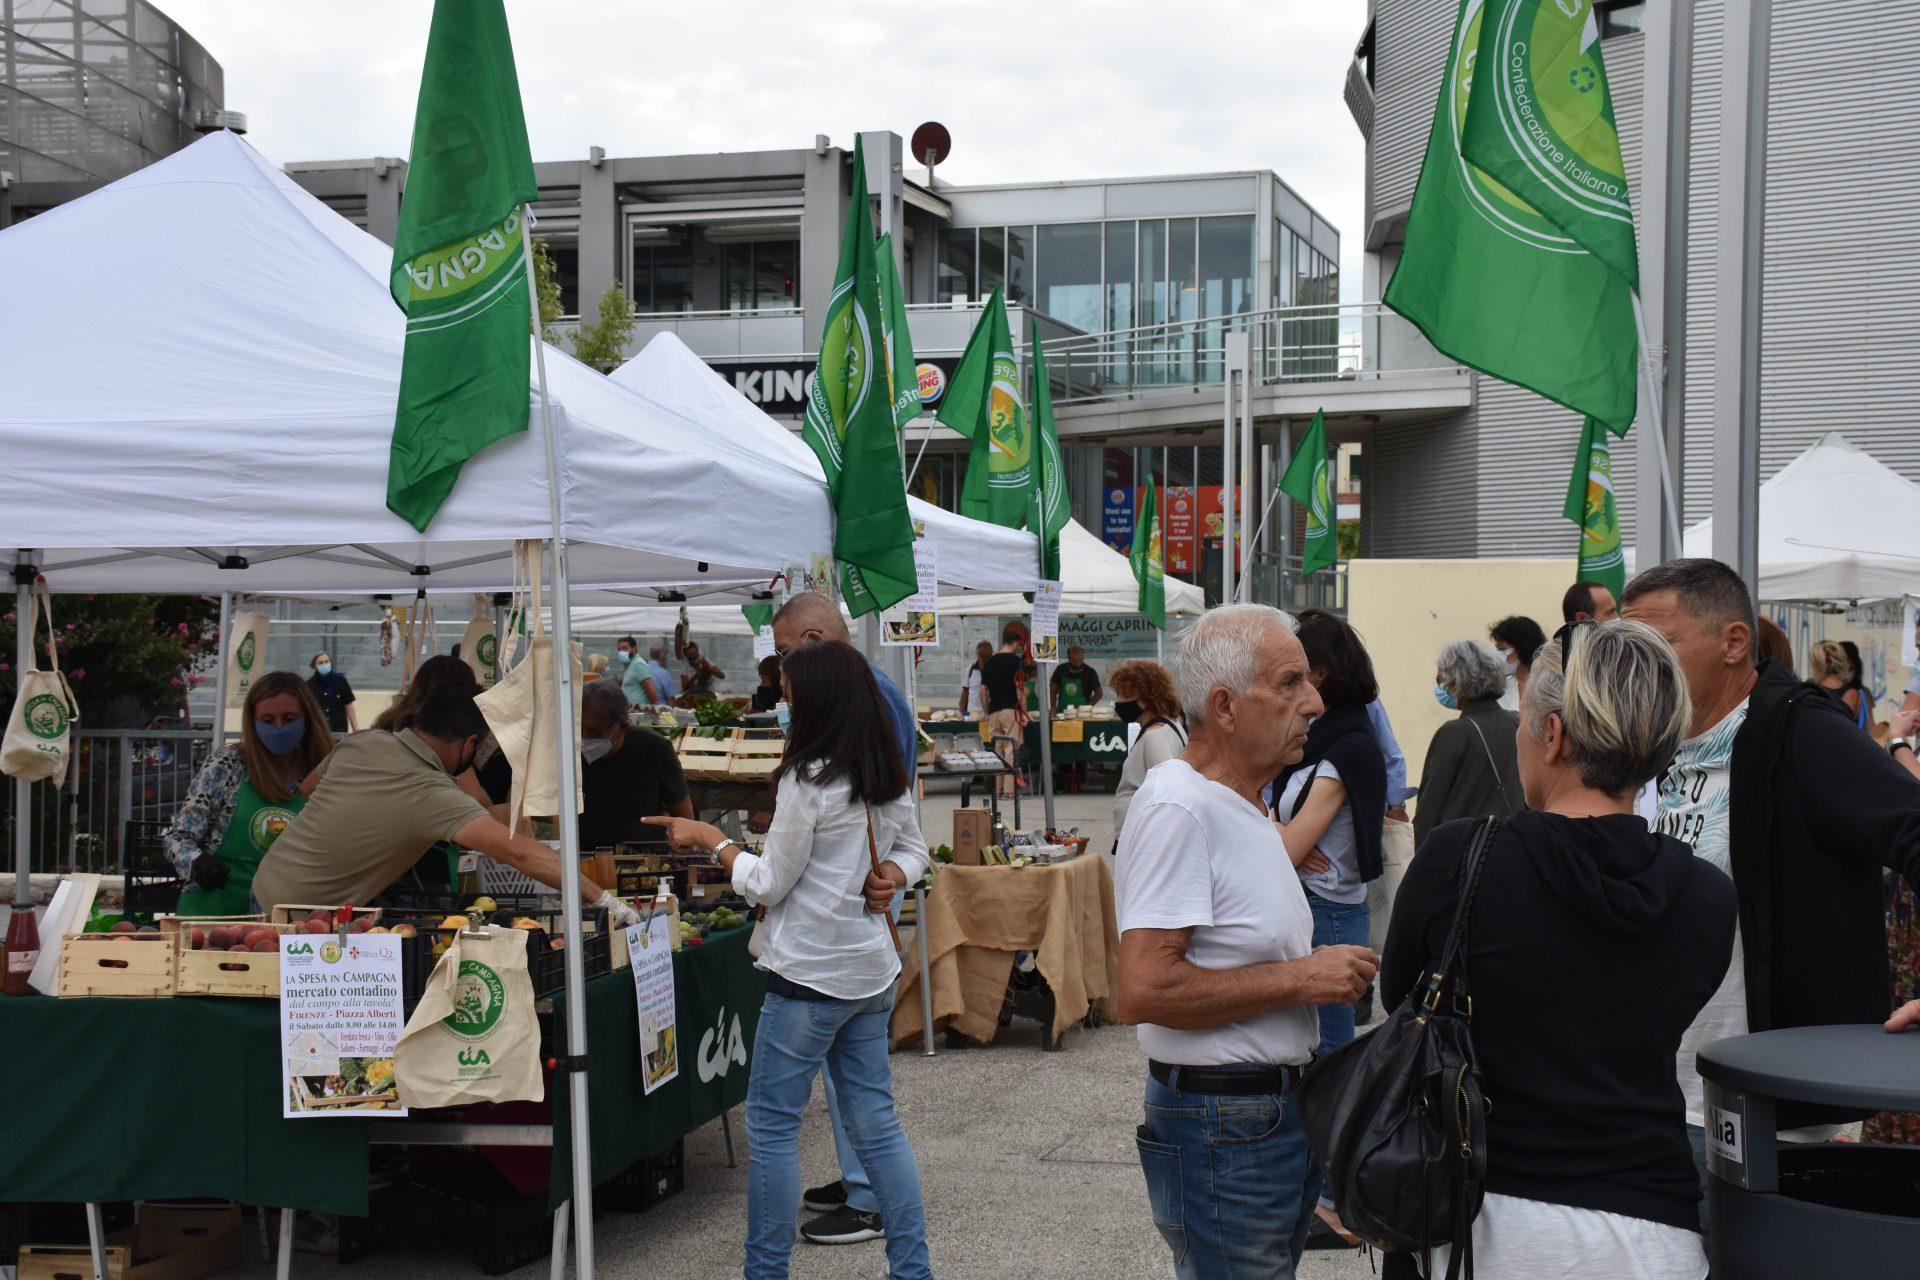 FOTO / Inaugurato il mercato contadino Cia di piazza Alberti. Sarà aperto ogni sabato dalle 8 alle 14